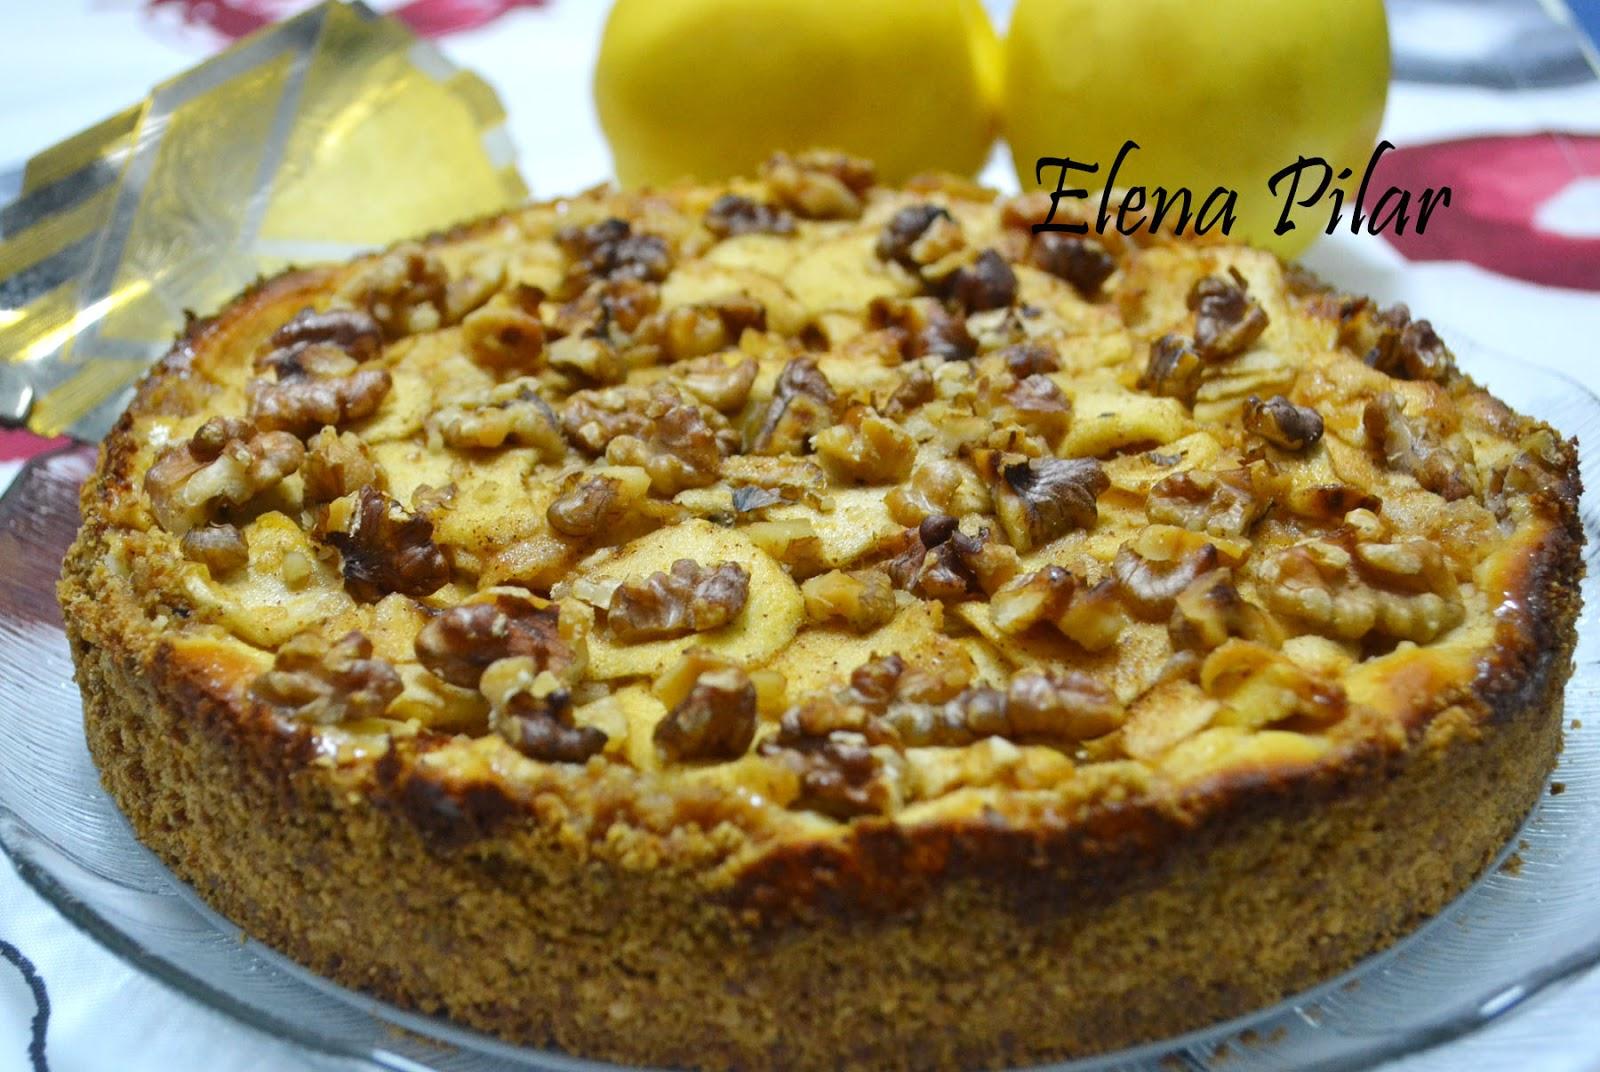 mi recetario por elena pilar tarta de queso con manzana nueces y